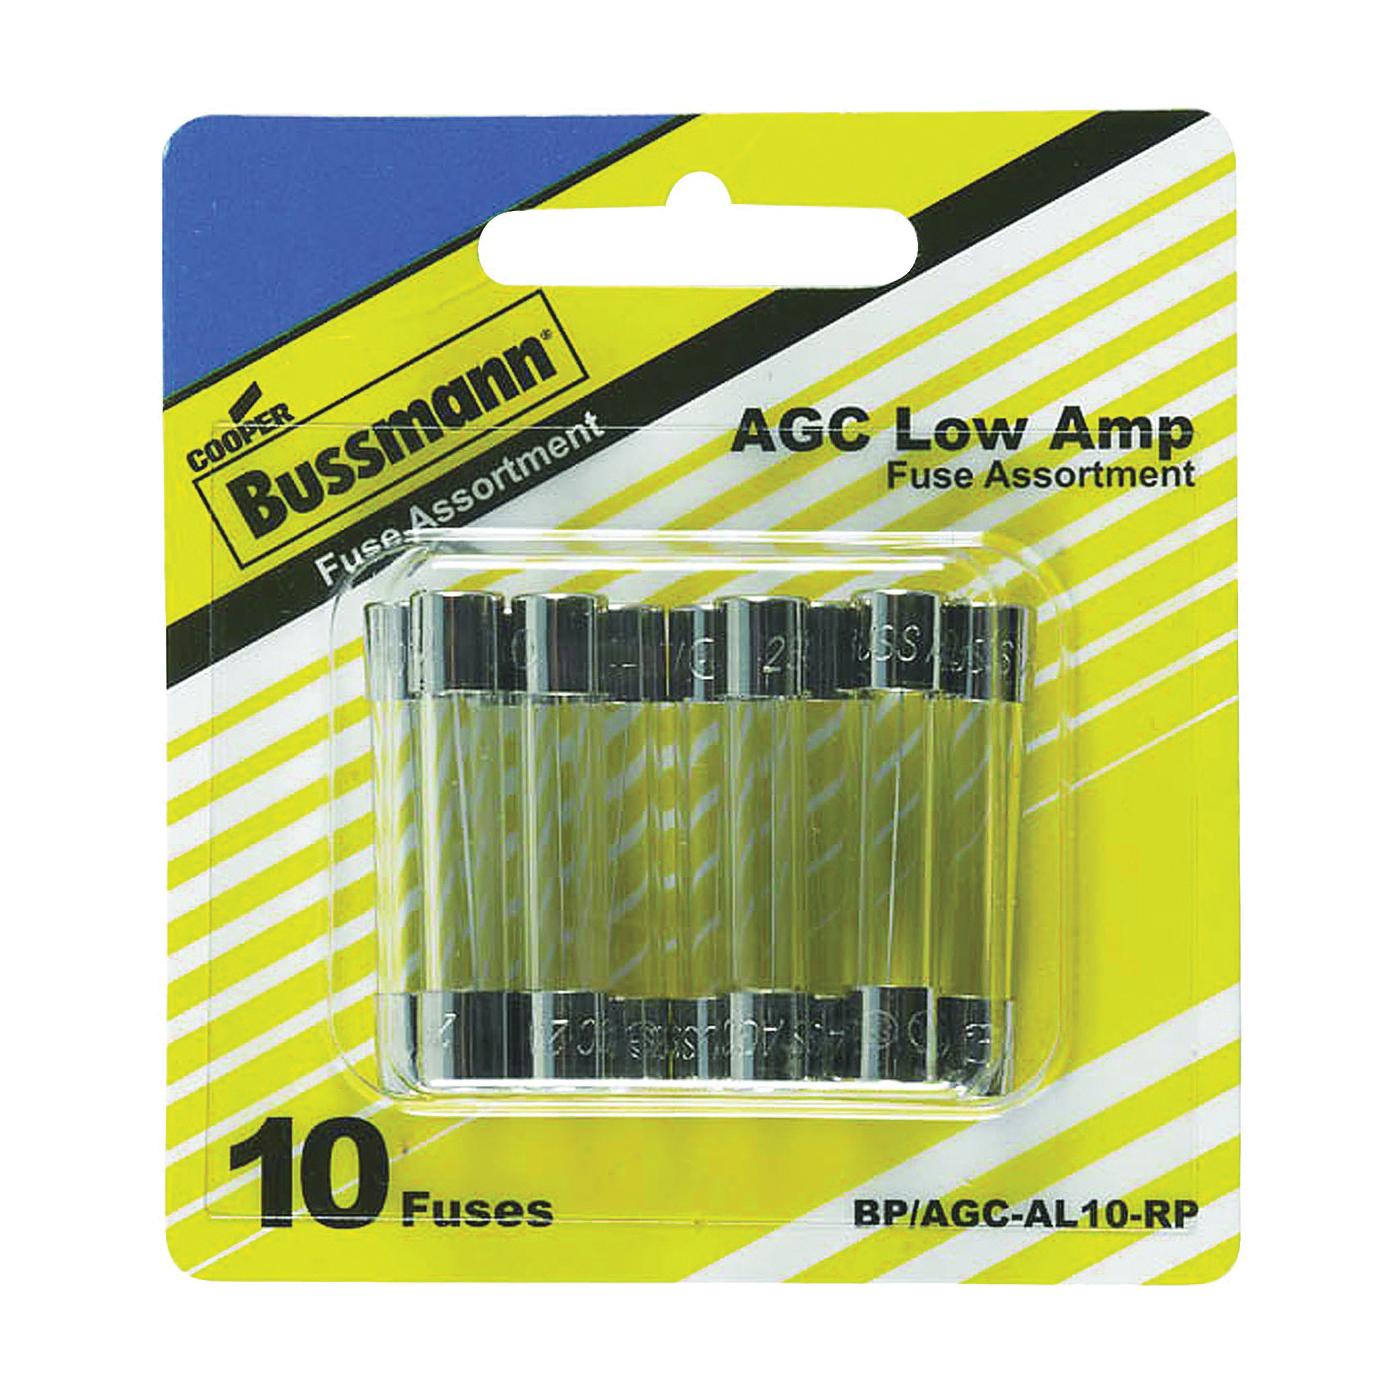 Picture of Bussmann BP/AGC-AL10-RP Fuse Kit